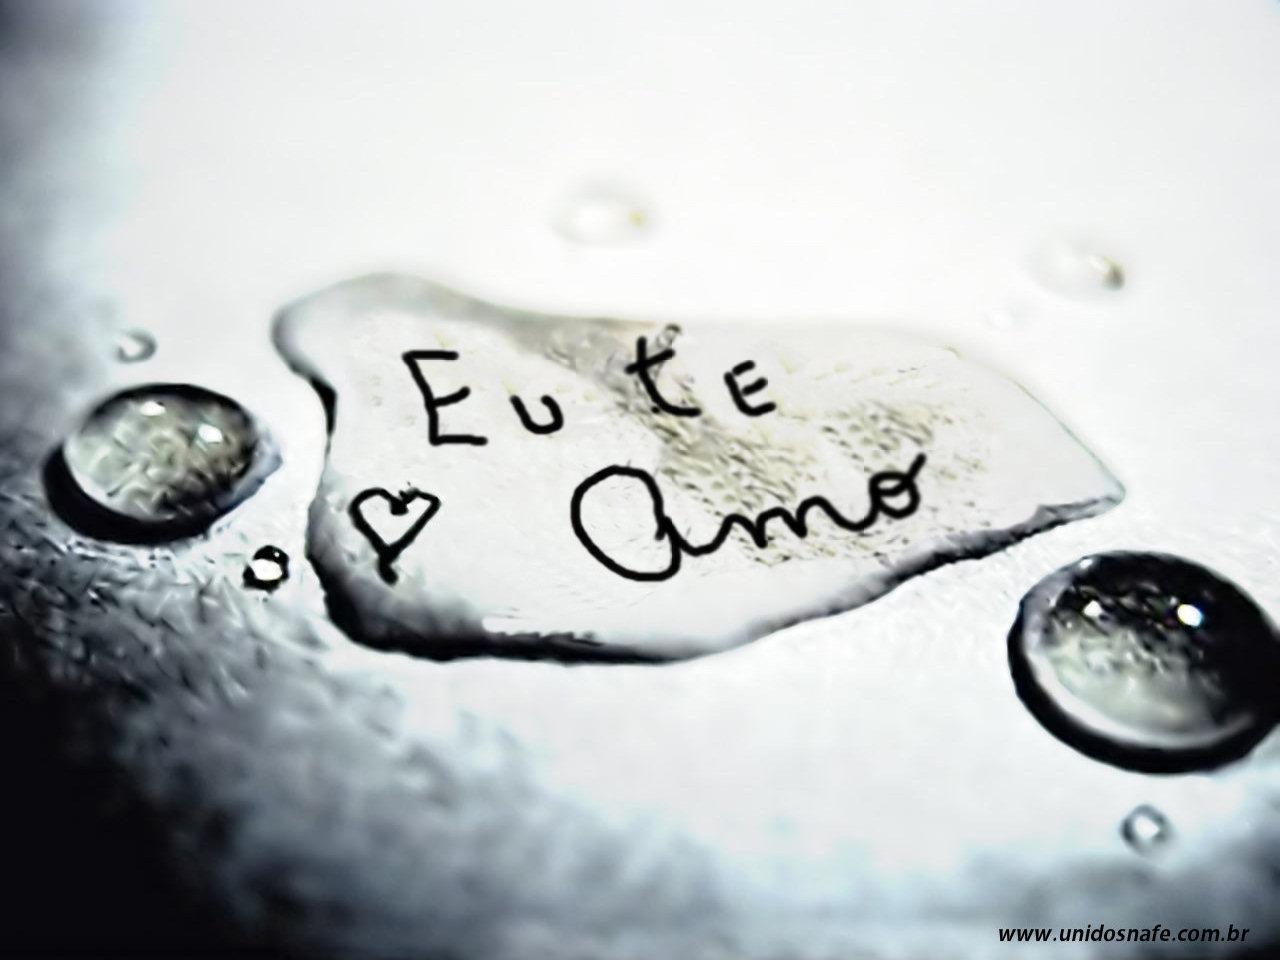 declaracoes_de_amor___eu_te_amo-normal